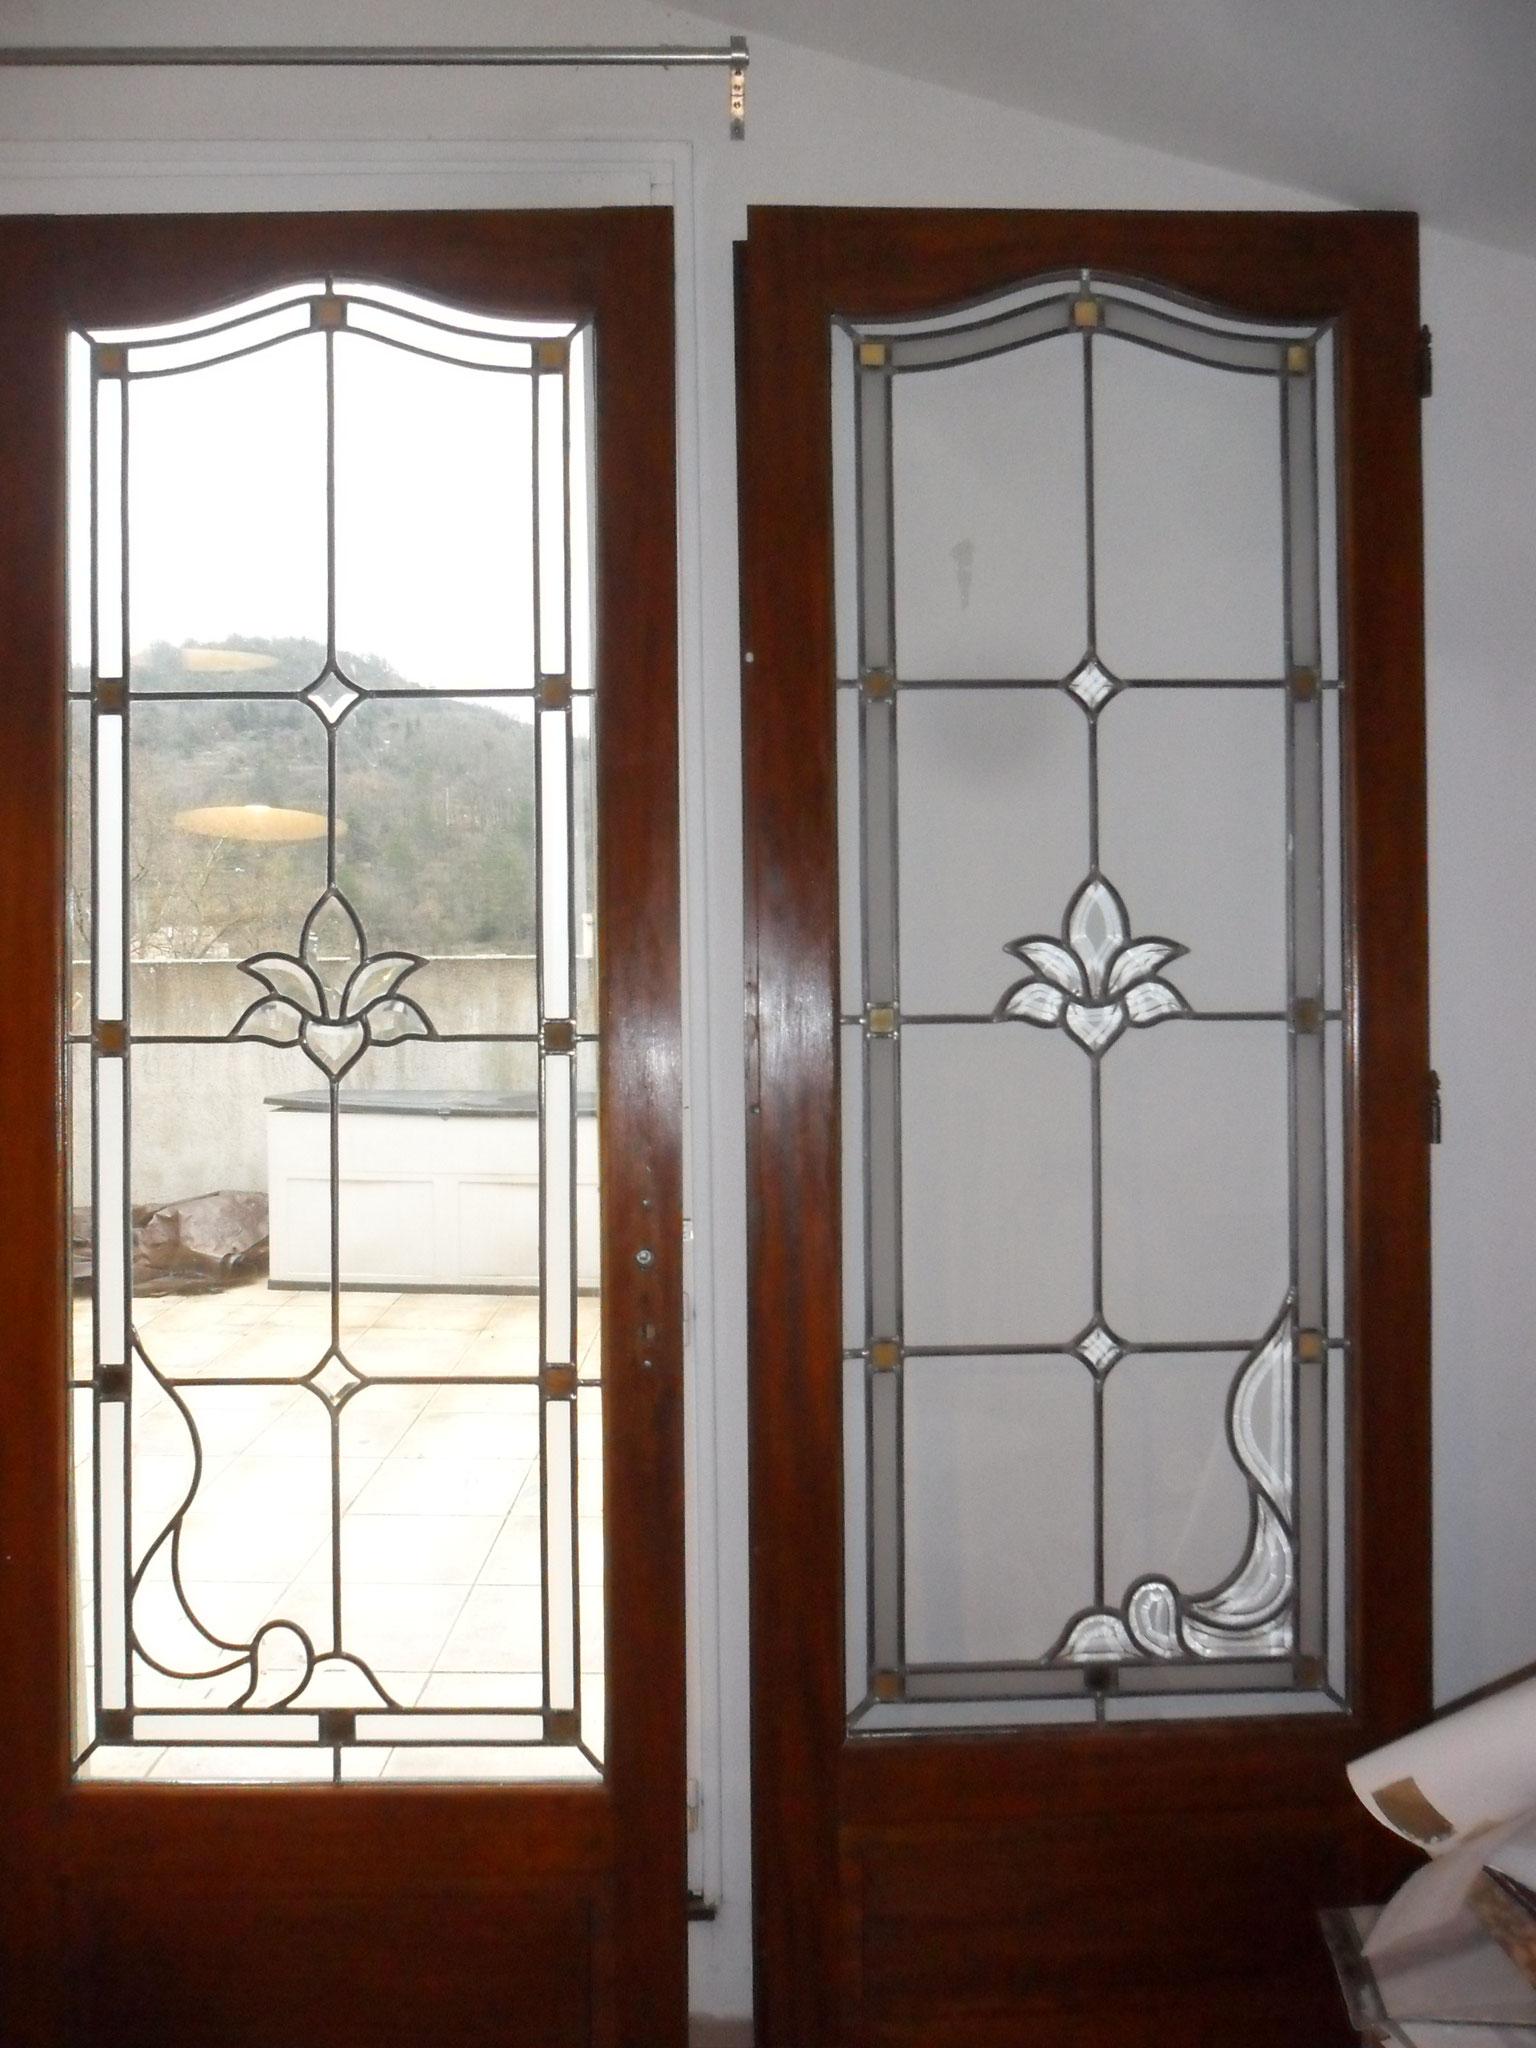 vitraux classiques art du vitrail cr ation et restauration languedoc. Black Bedroom Furniture Sets. Home Design Ideas